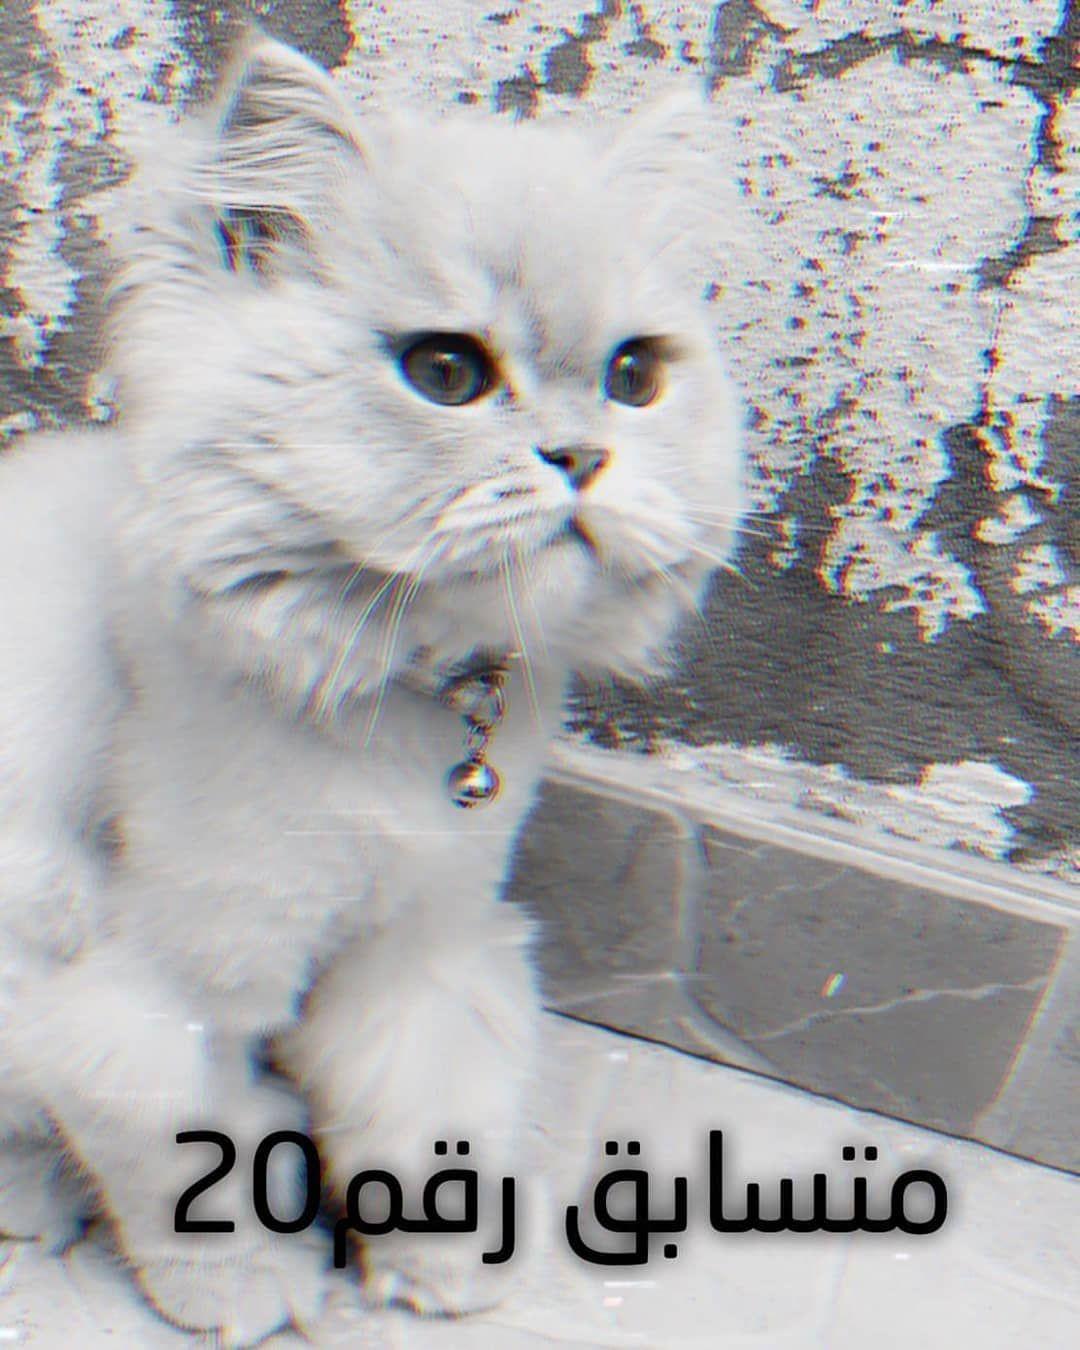 متسابق رقم في مسابقه بيوتي بتس لاجمل حيوان اليف قطط قط قطه بسس بس بسه حيوانات اليفه طيور ببغاء اسماك زينه Cats Animals Pets Cats